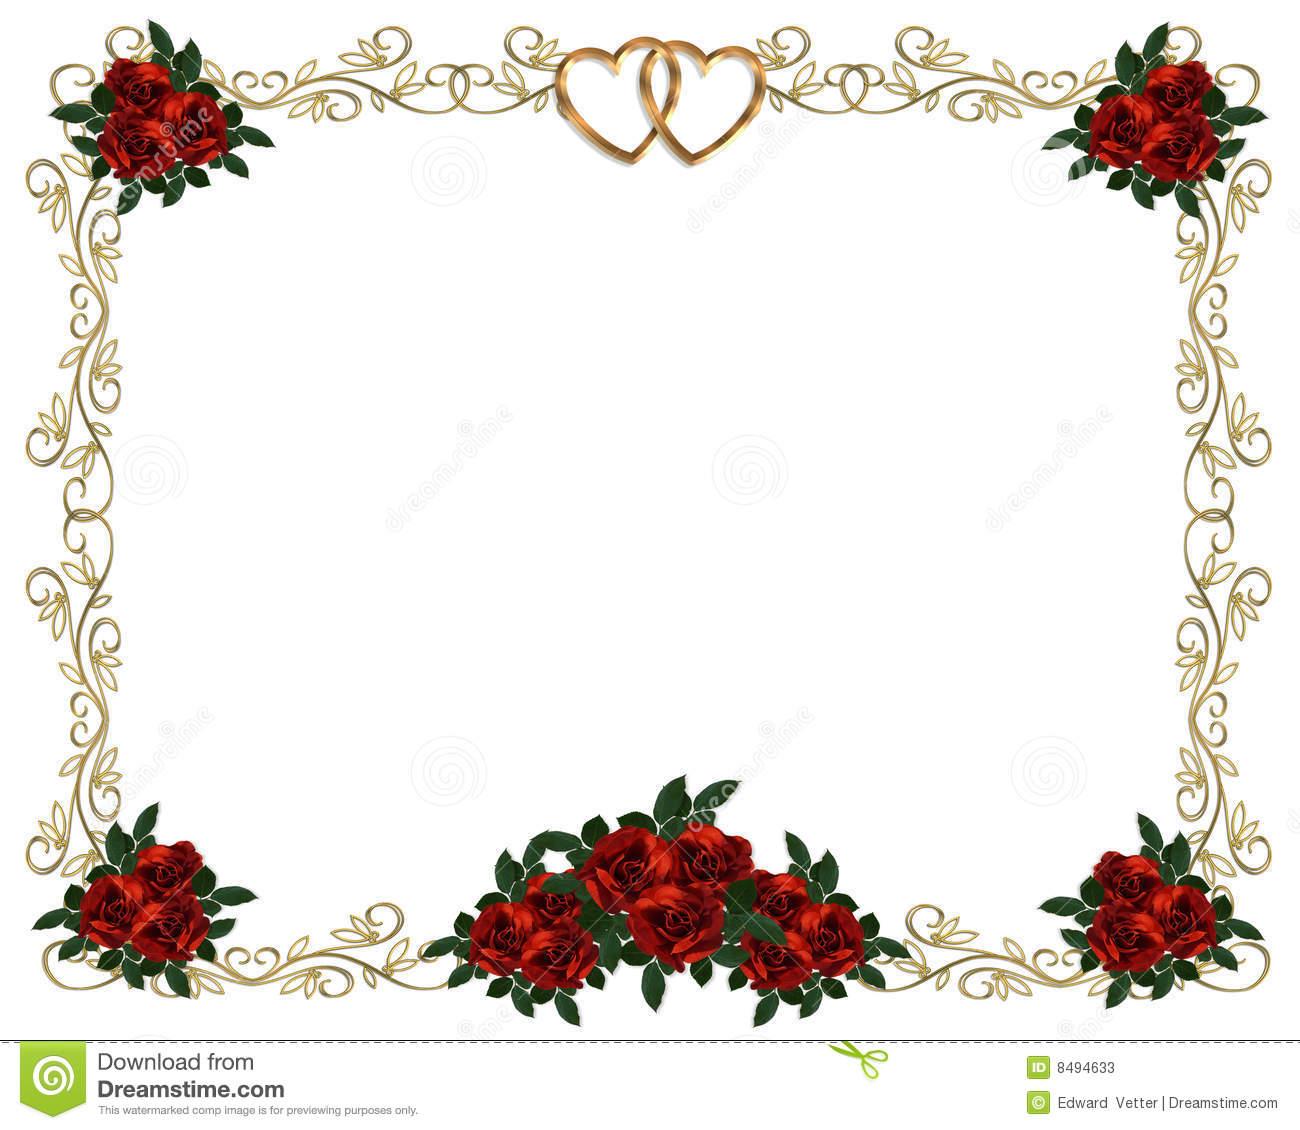 Picnic Invitation Background | Free download best Picnic Invitation ...